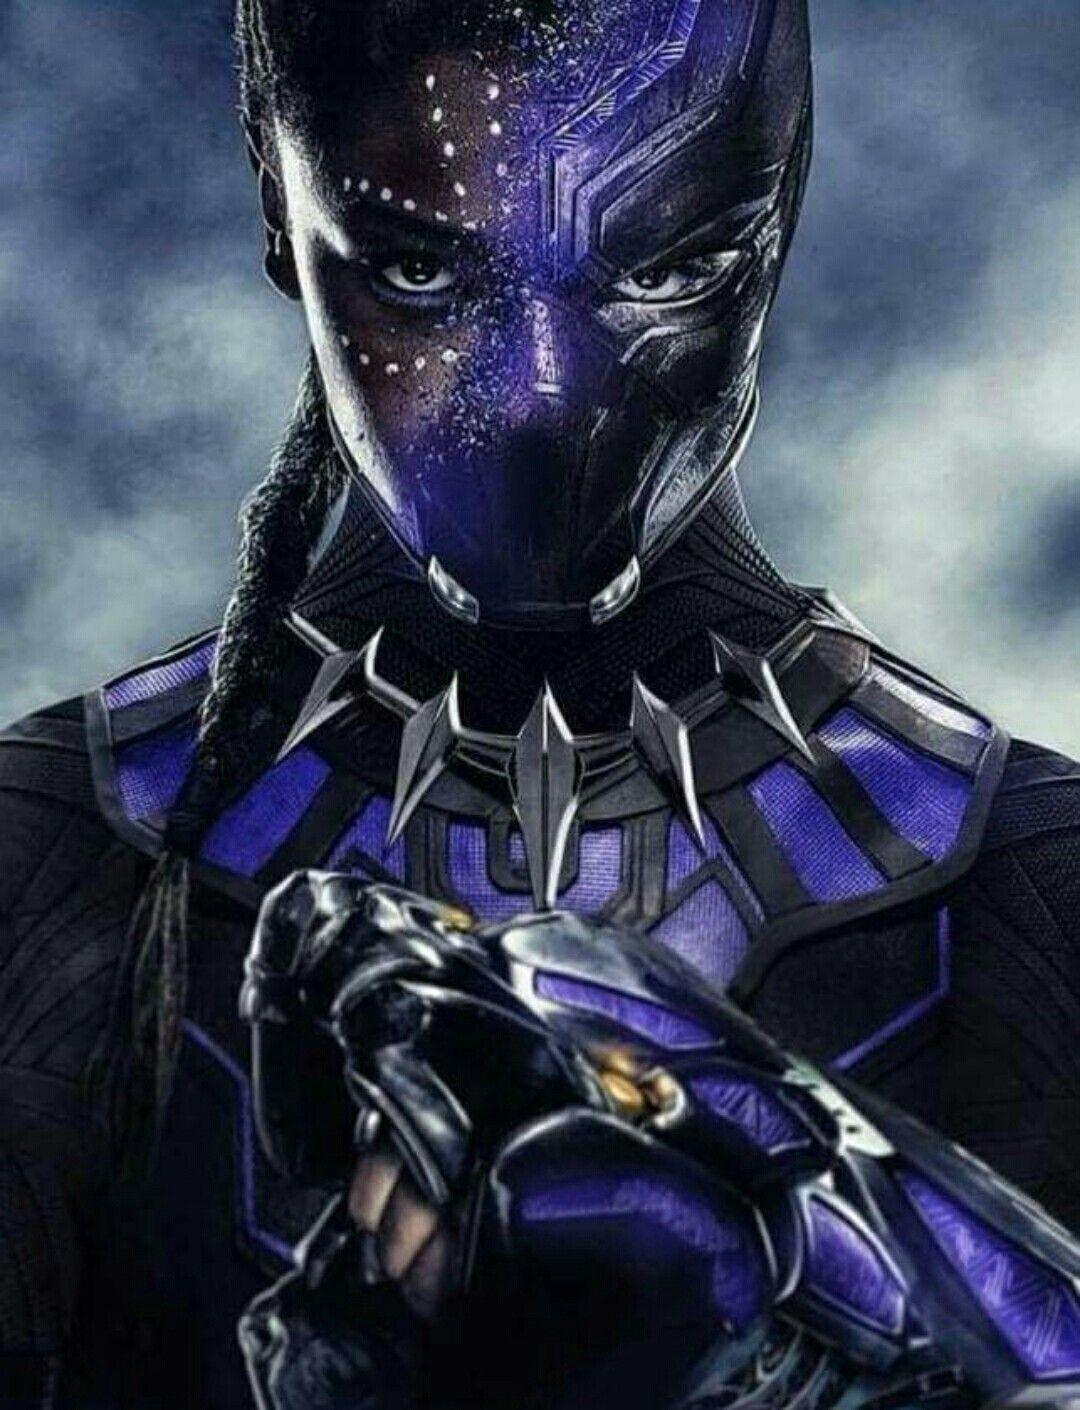 e82bb03b7f7 FanArt do possível futuro de Shuri como Pantera Negra!  NECESSITODISSO